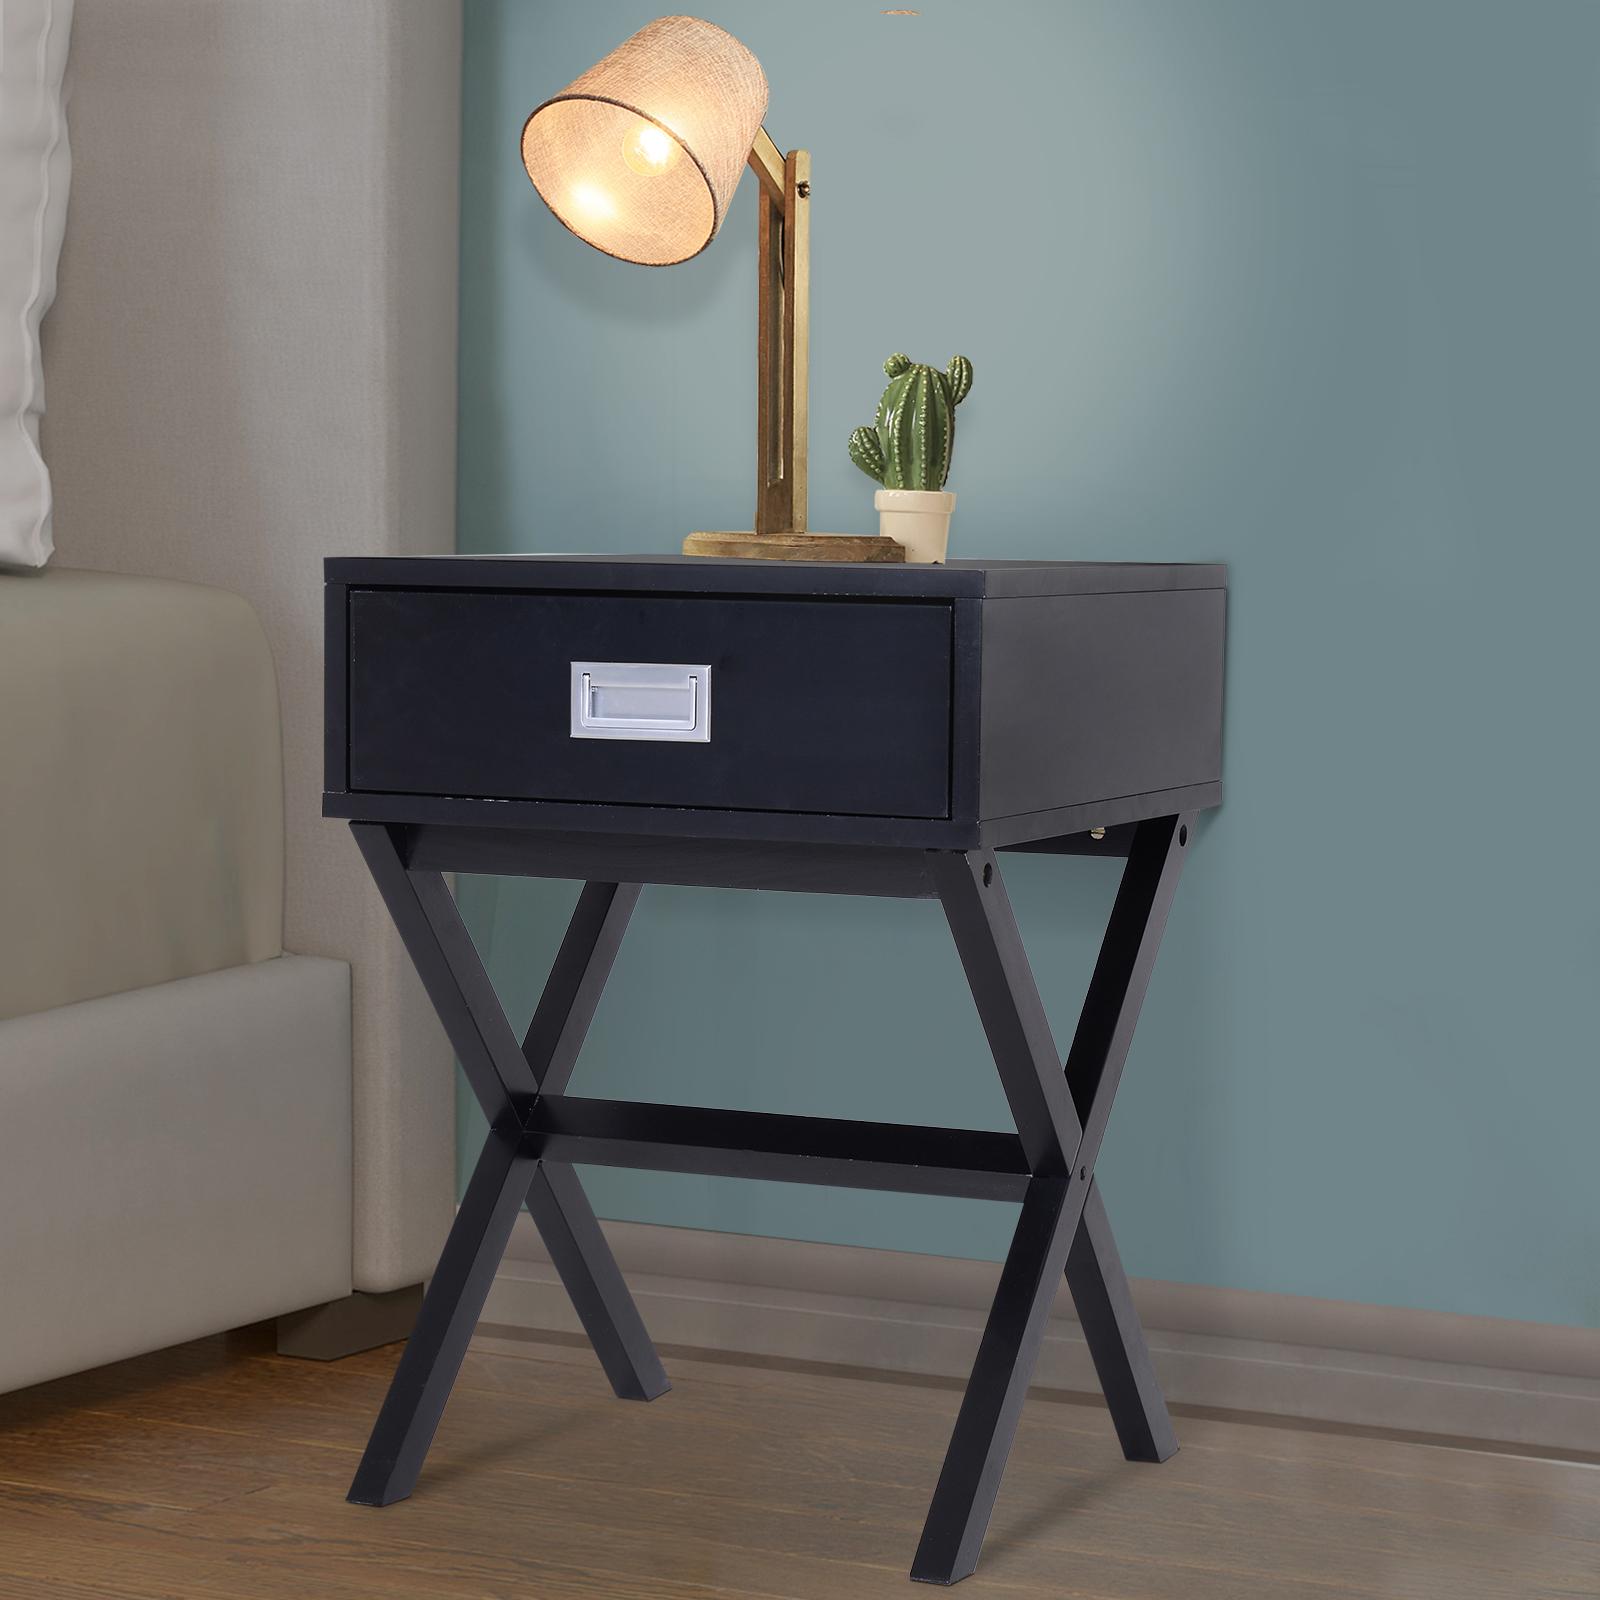 Détails sur HOMCOM Chevet table de nuit design contemporain dim. 40L x 40l  x 56H cm tiroir